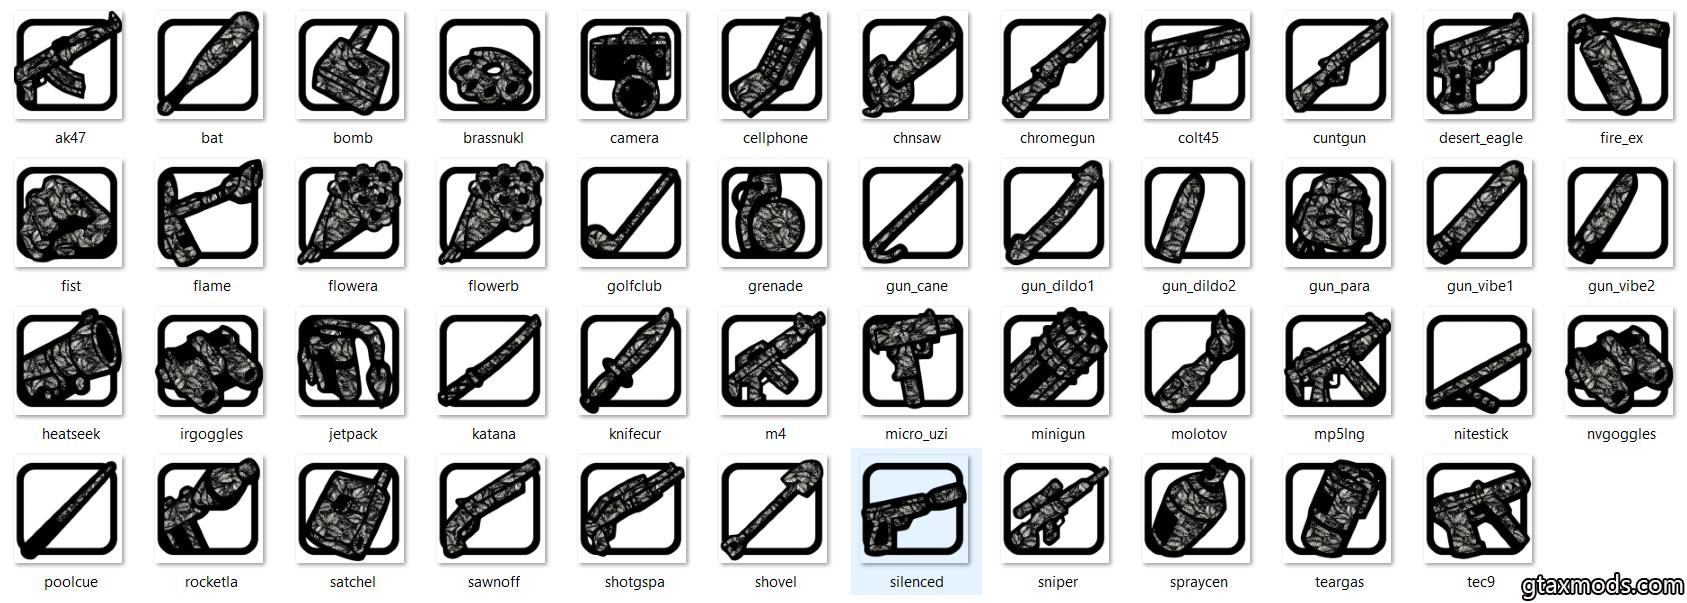 [FullPack] Black-White Icons